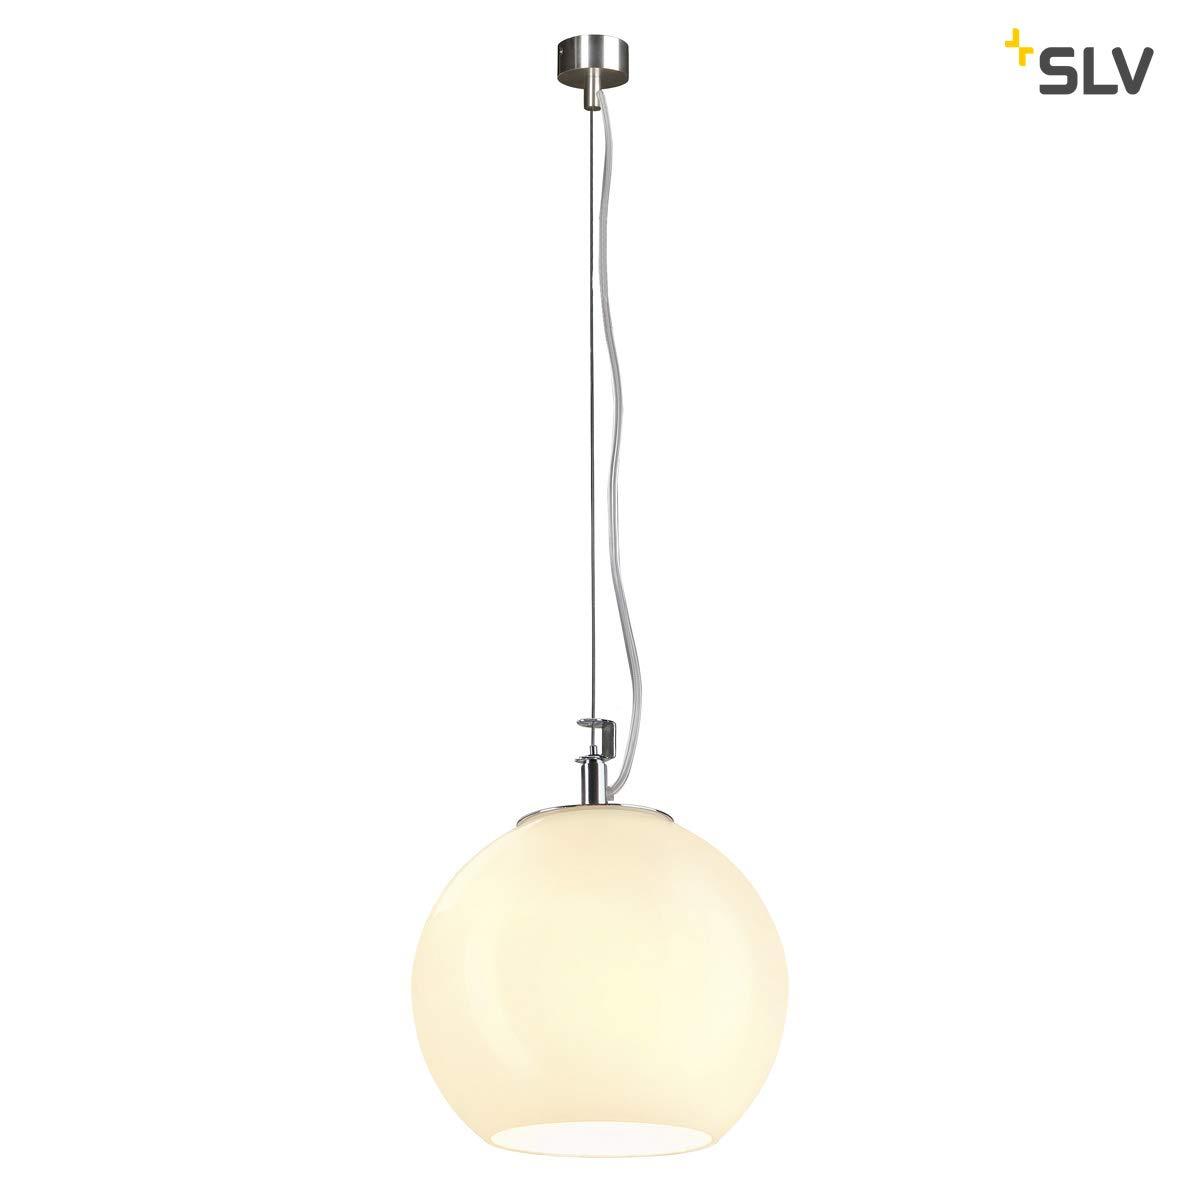 SLV Pendelleuchte Sun   Dimmbare LED Deckenleuchte, Kugelleuchte, Hängelampe für Wohnzimmer, Bar, Esszimmer   Runde Decken-Lampe in exklusivem Kugel-Design (E27 Leuchtmittel, EEK E-A++, Ø19cm)